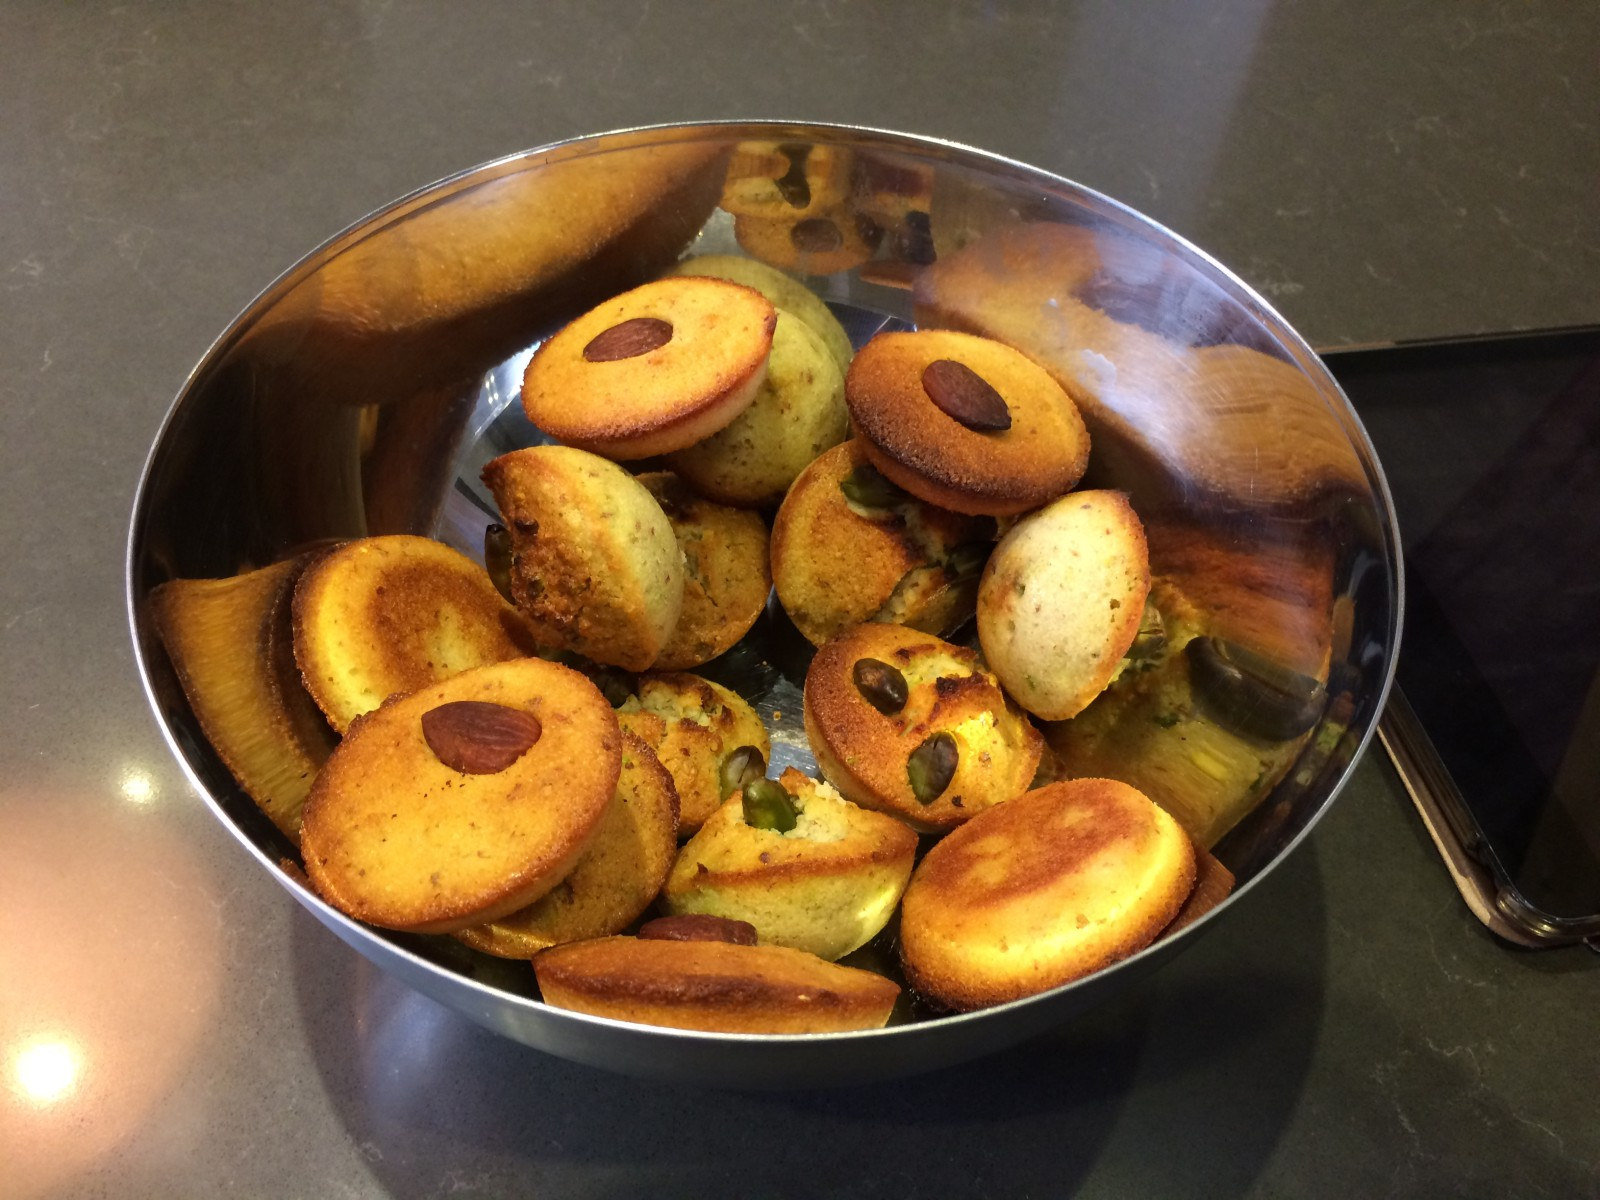 Des démonstrations vous permettront de connaître les recettes des meilleurs pâtissiers. ©MD